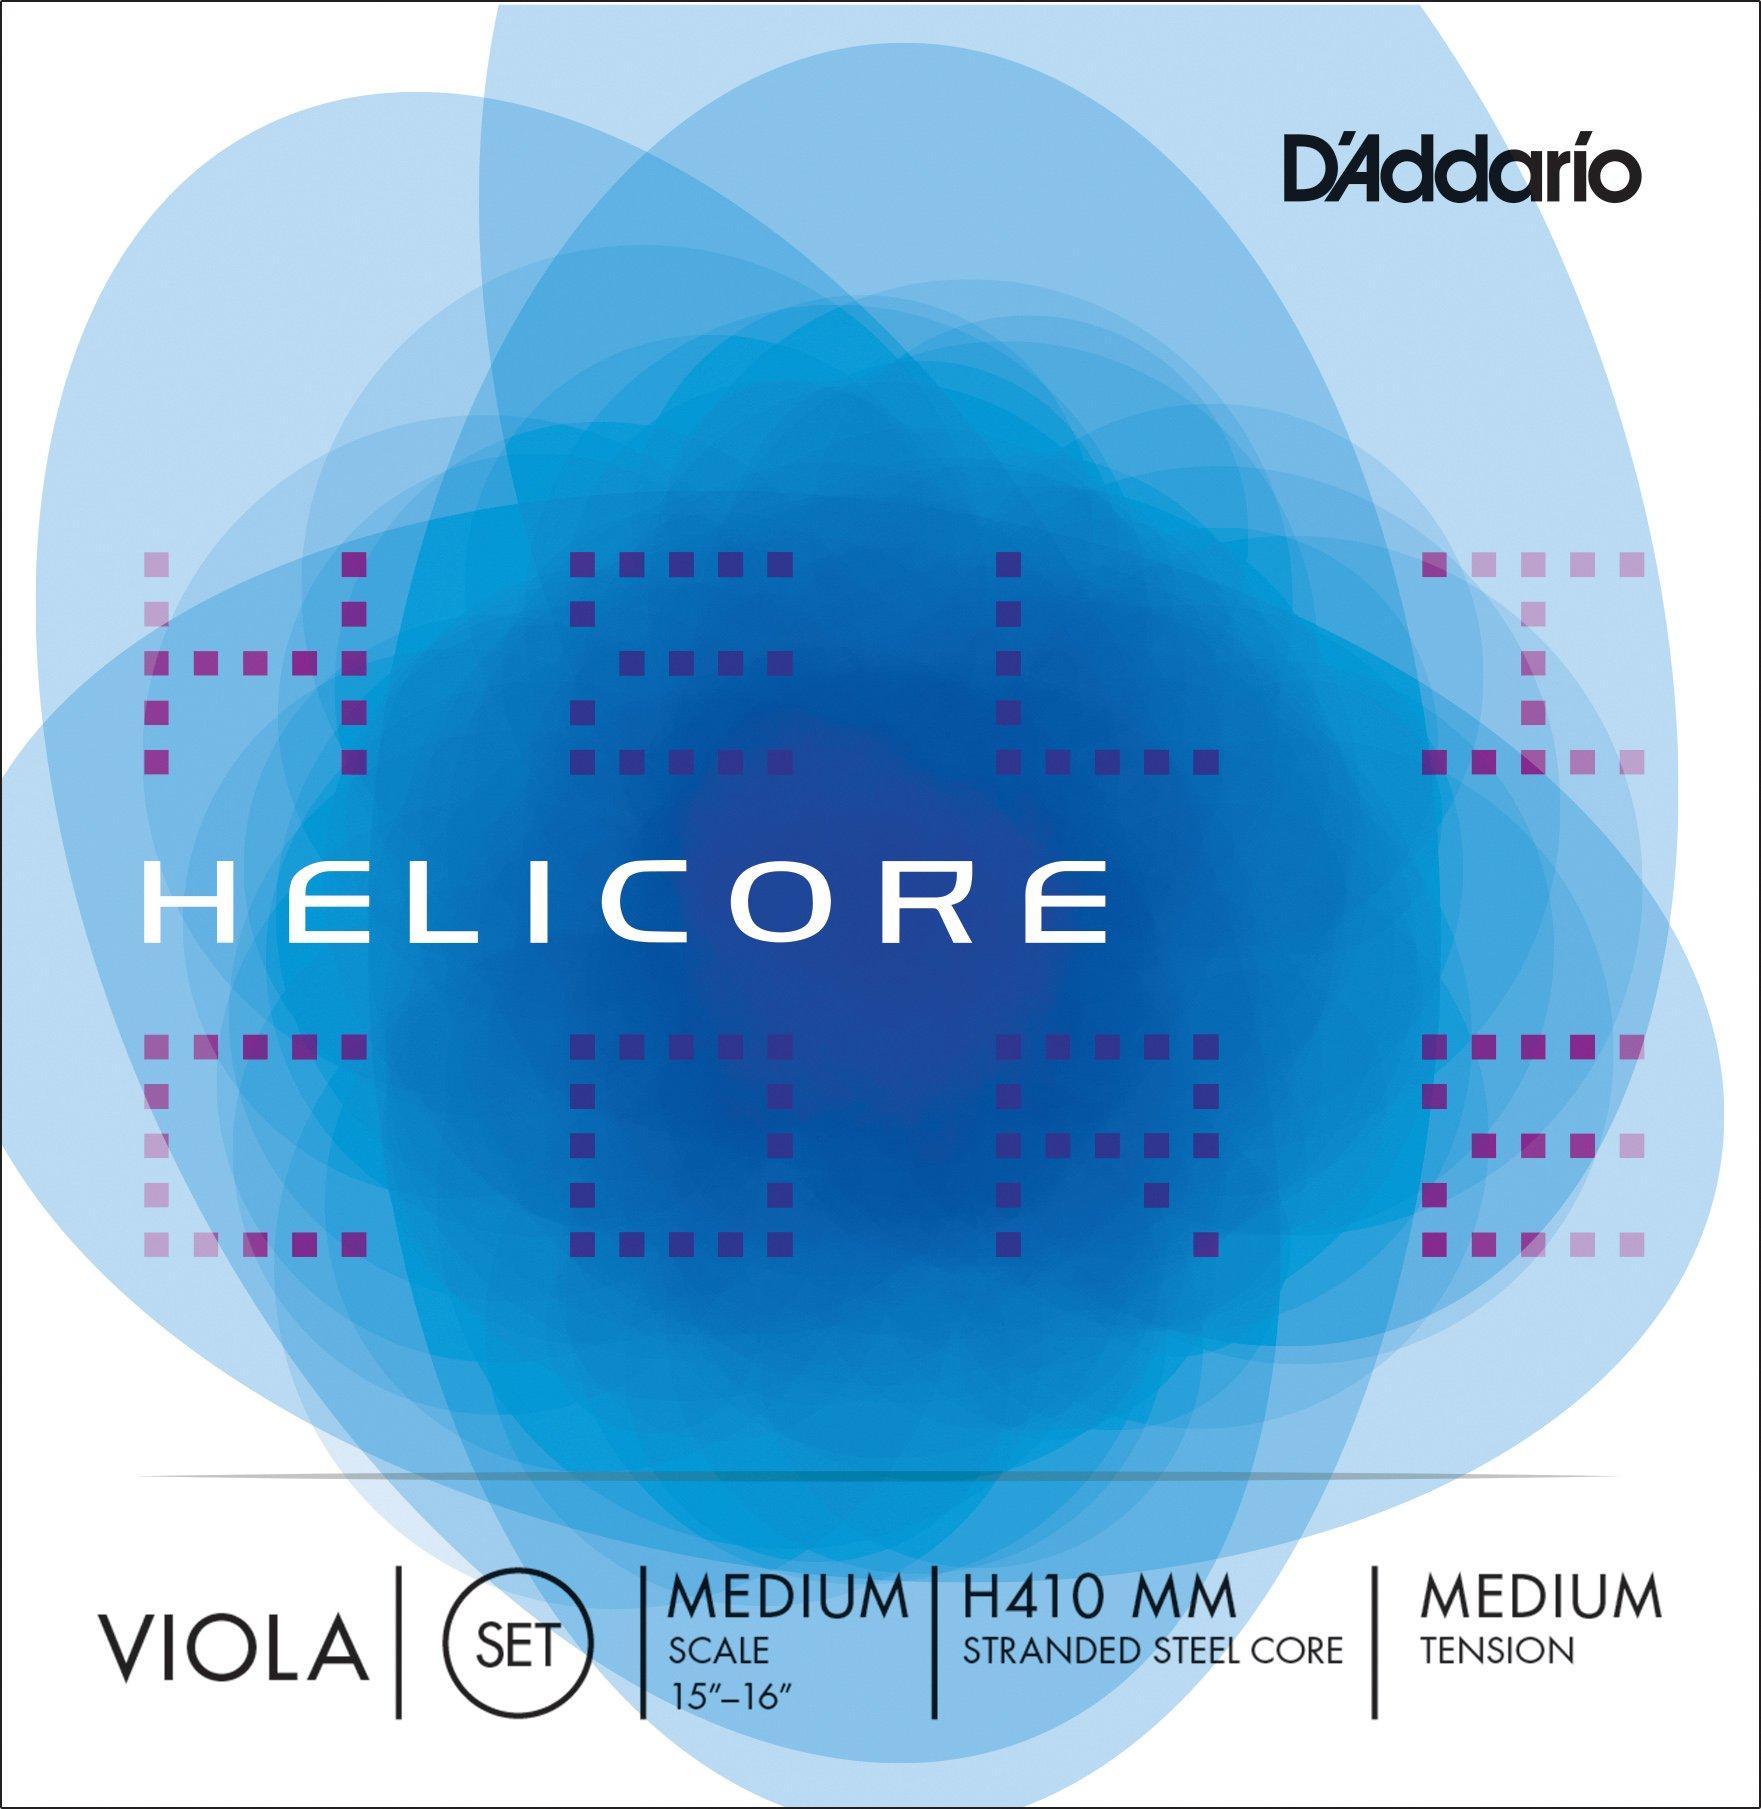 D'Addario Helicore Viola String Set, Medium Scale, Medium Tension